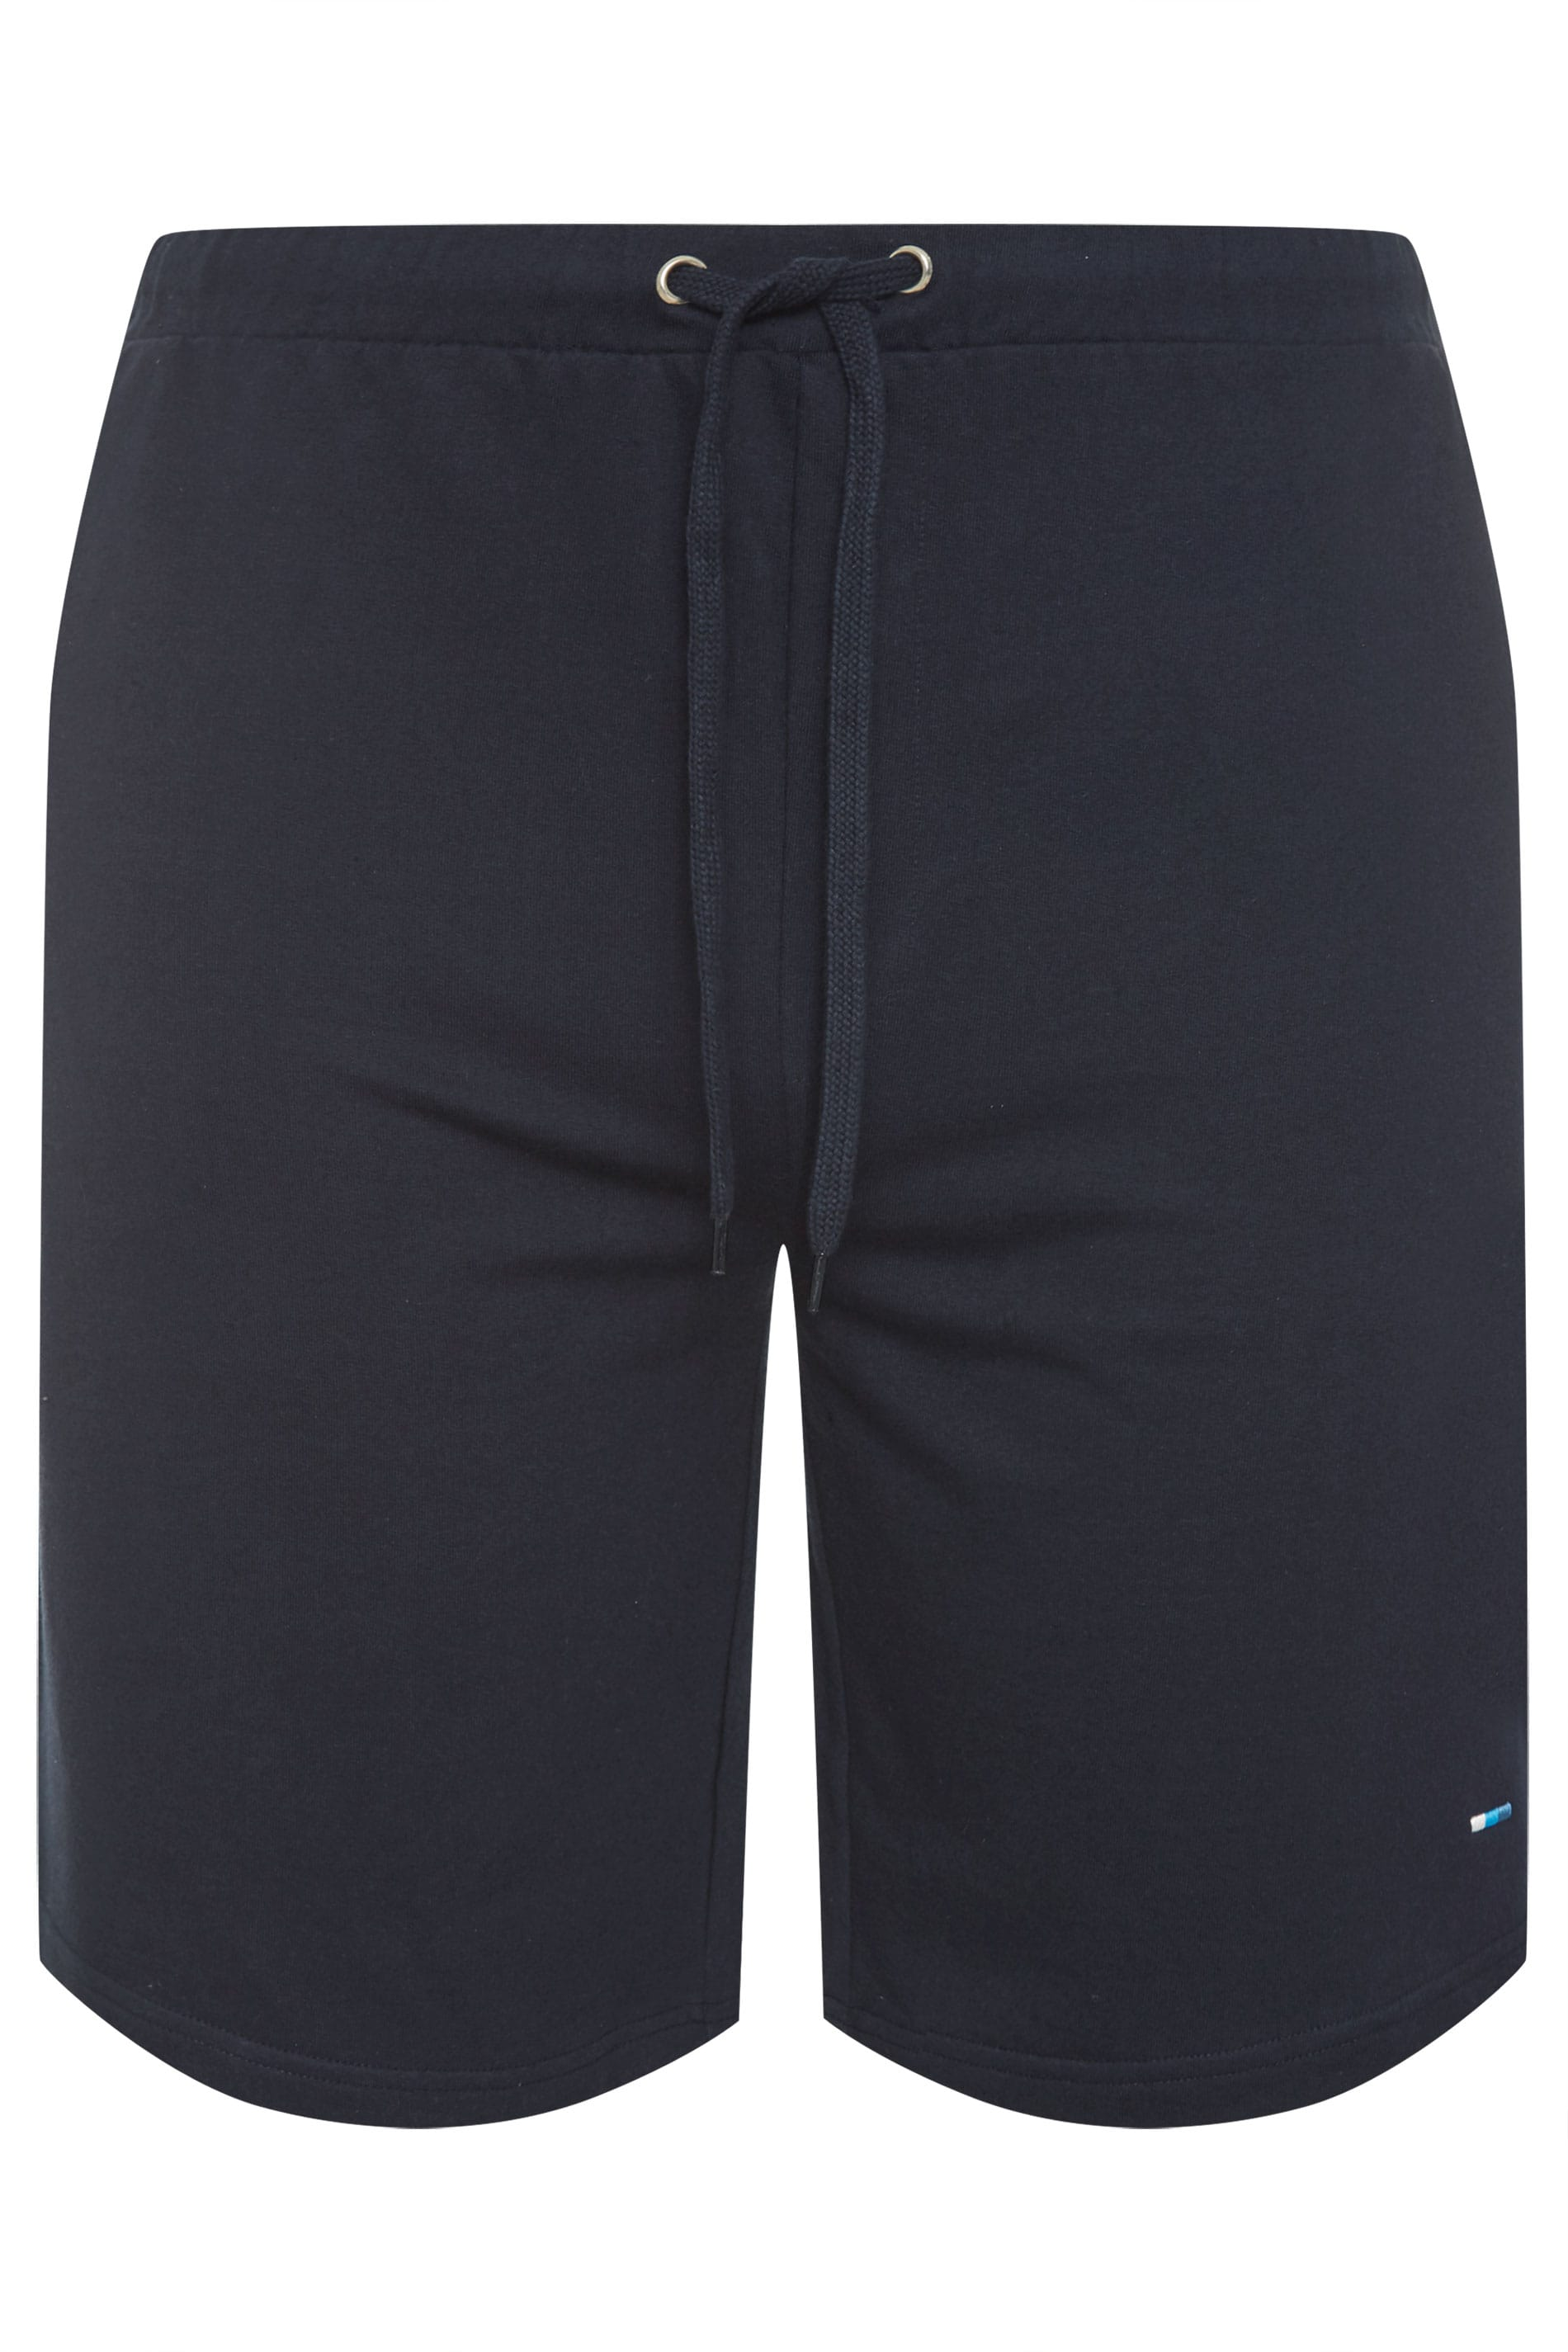 BadRhino Navy Jogger Shorts